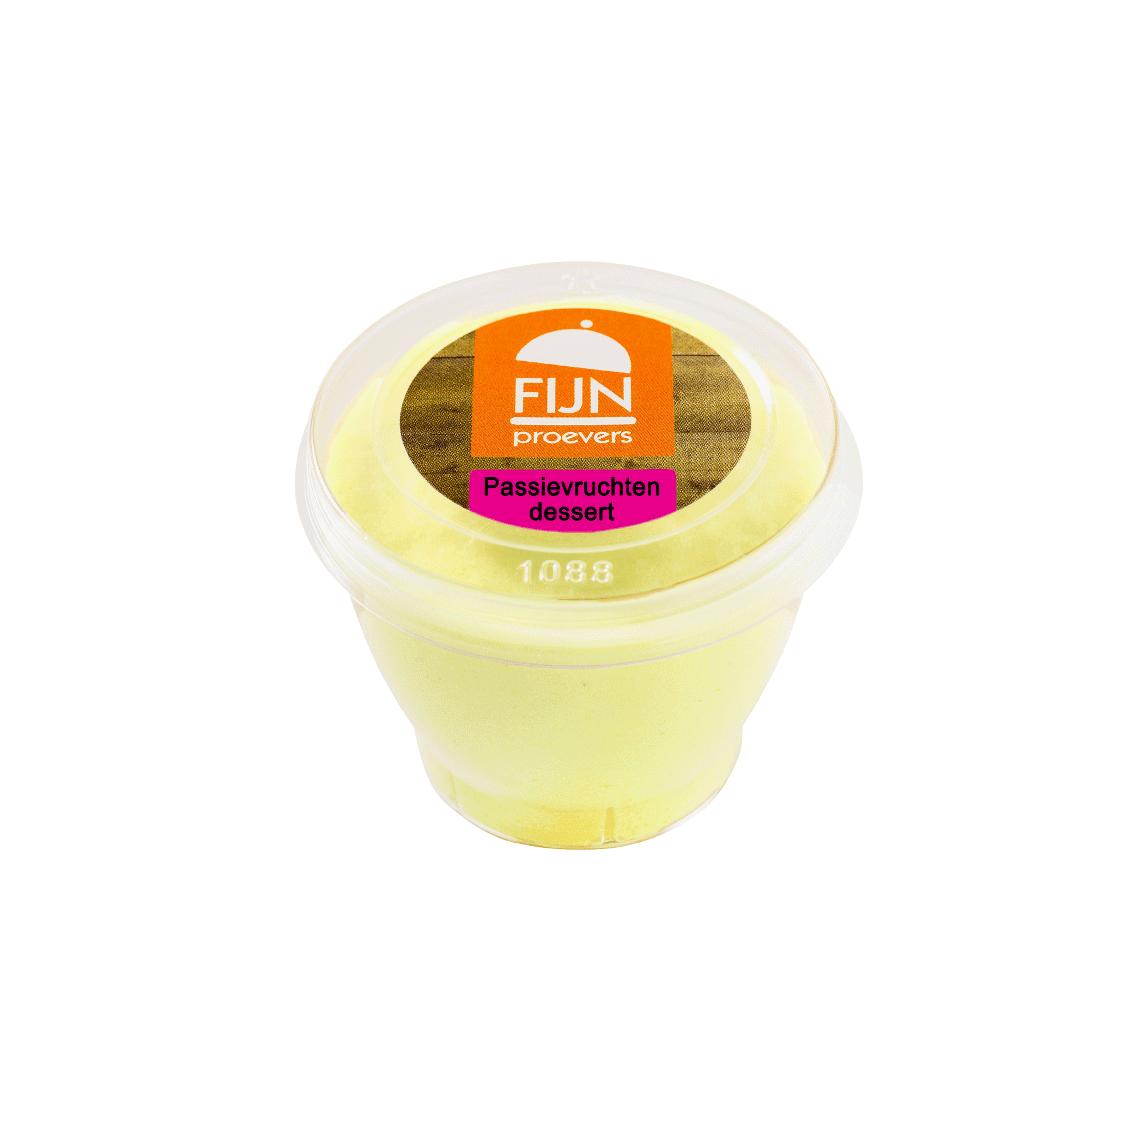 Passievruchten dessert voor slikproblemen eiwitverrijkt van fijnproevers productfoto